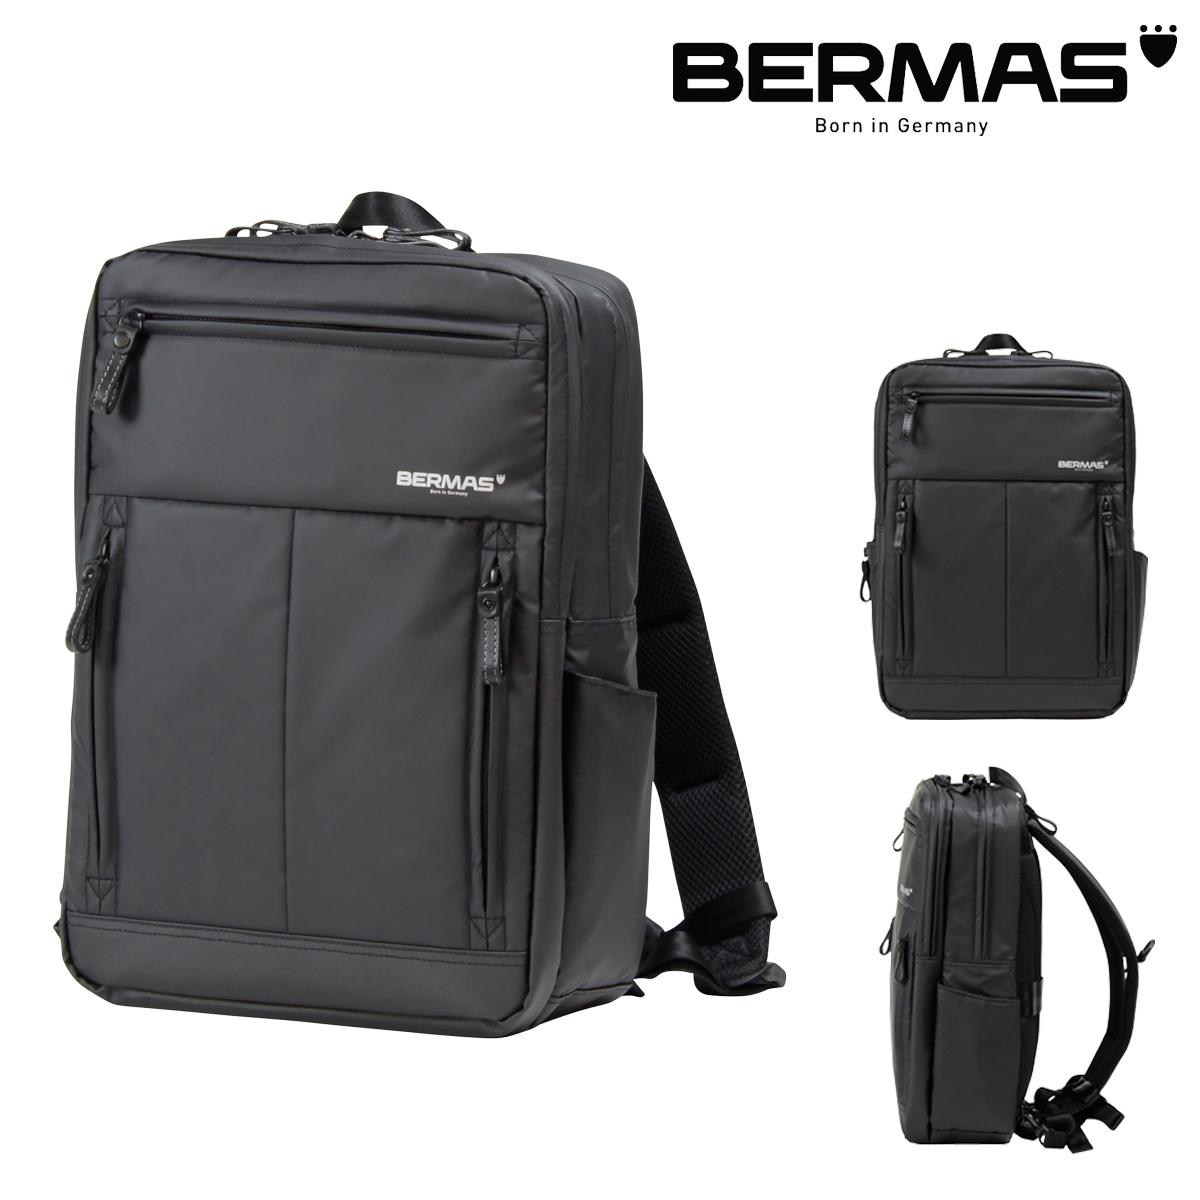 バーマス ビジネスリュック リュック A4 アルスフェルト メンズ 60352 BERMAS バックパック キャリーオン 撥水 [PO10][bef]